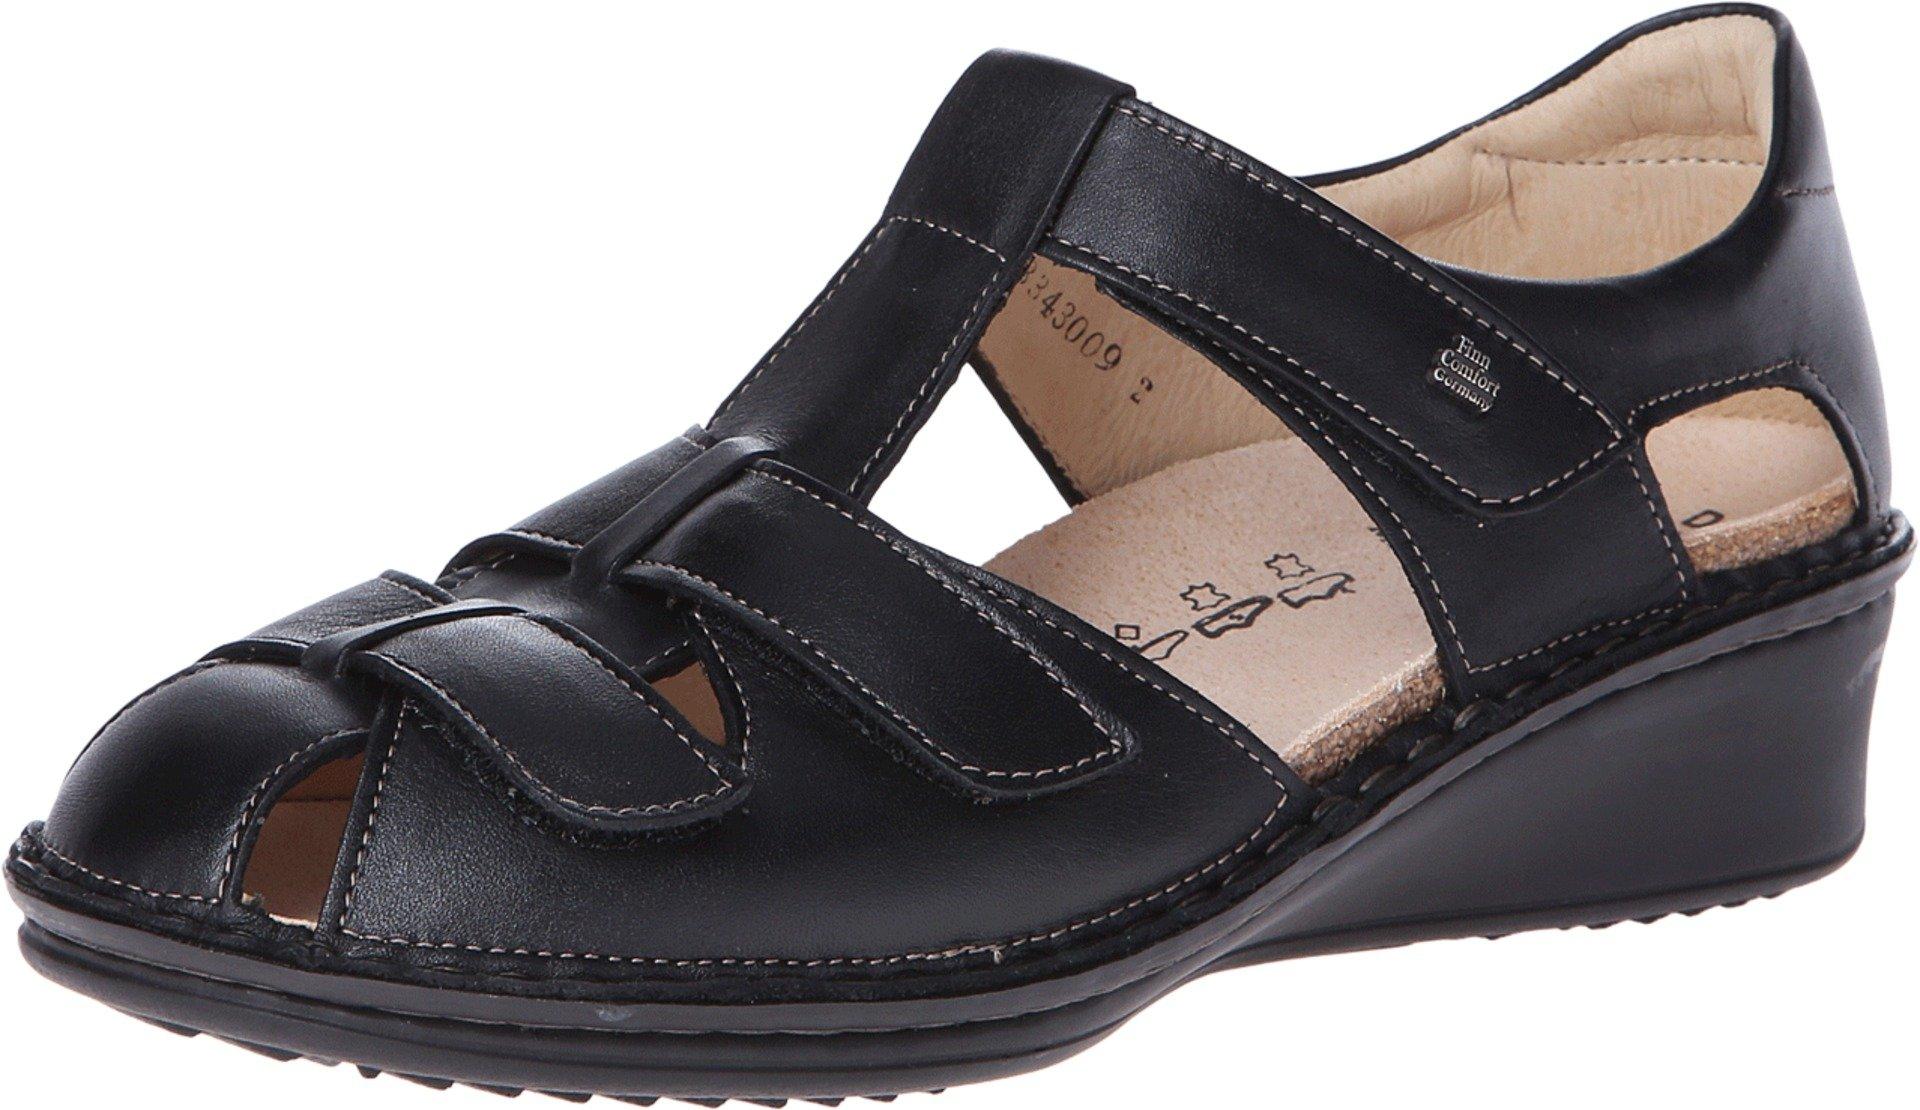 Finn Comfort Women's Fünen Black Nappa Leather Shoe